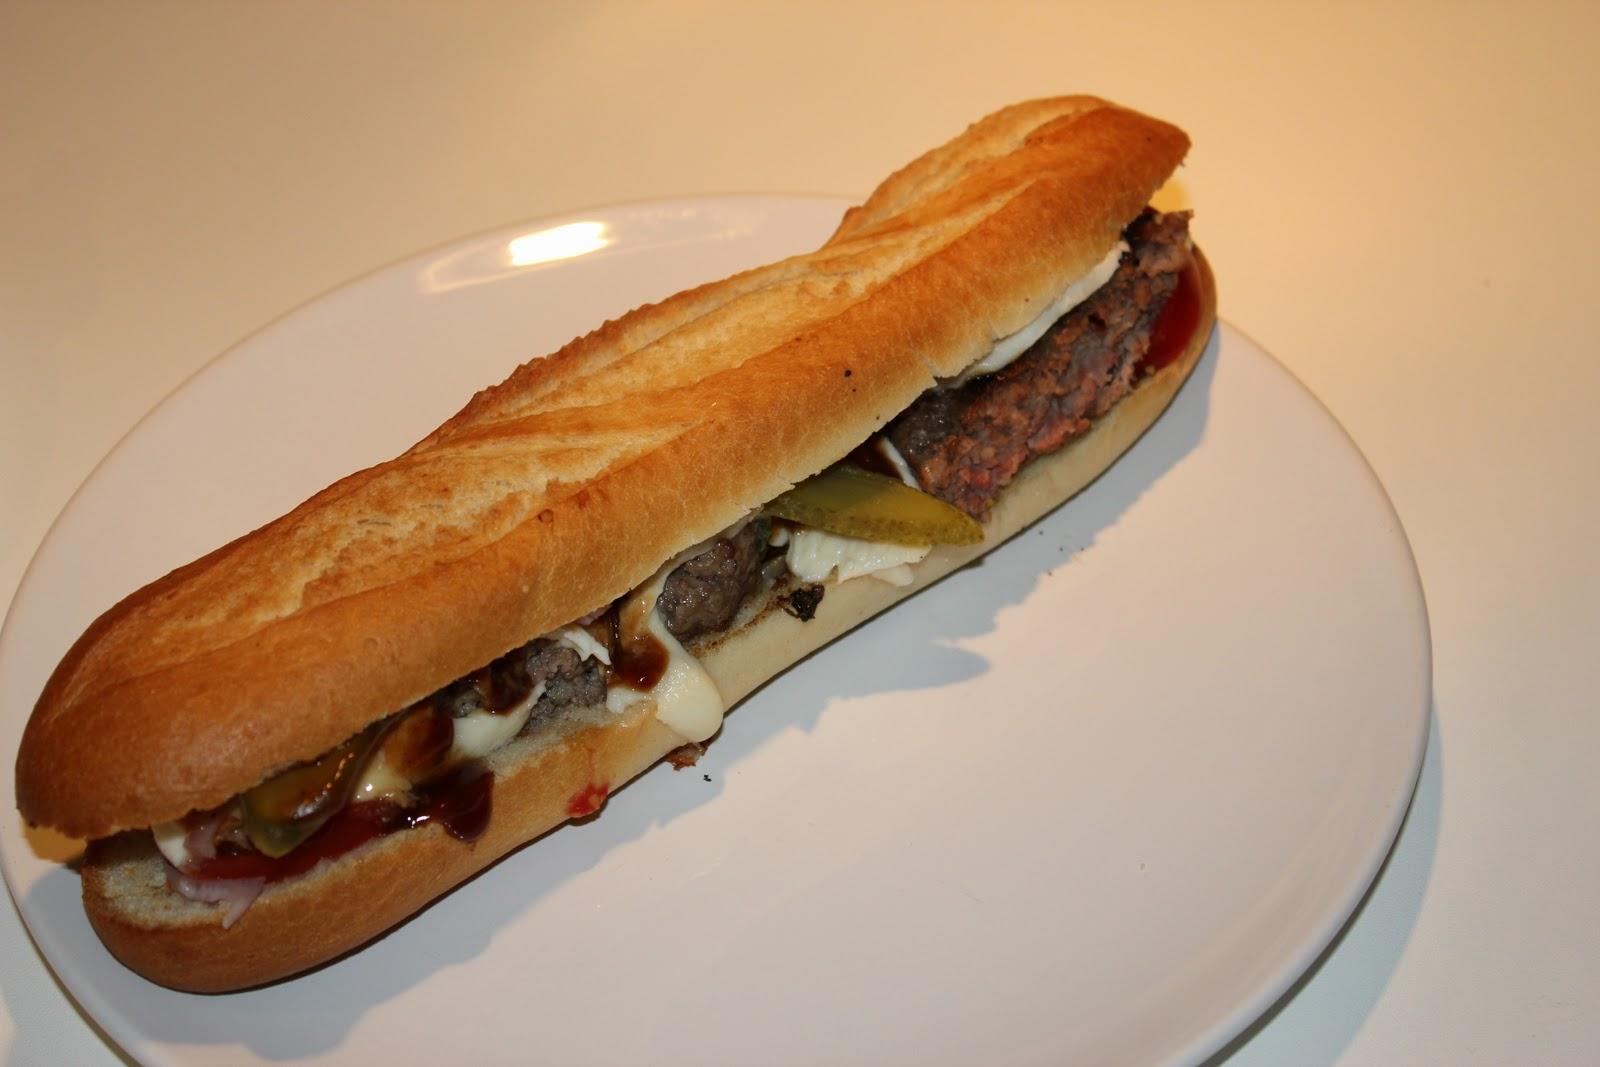 Enjoy your Kukiburger!!!